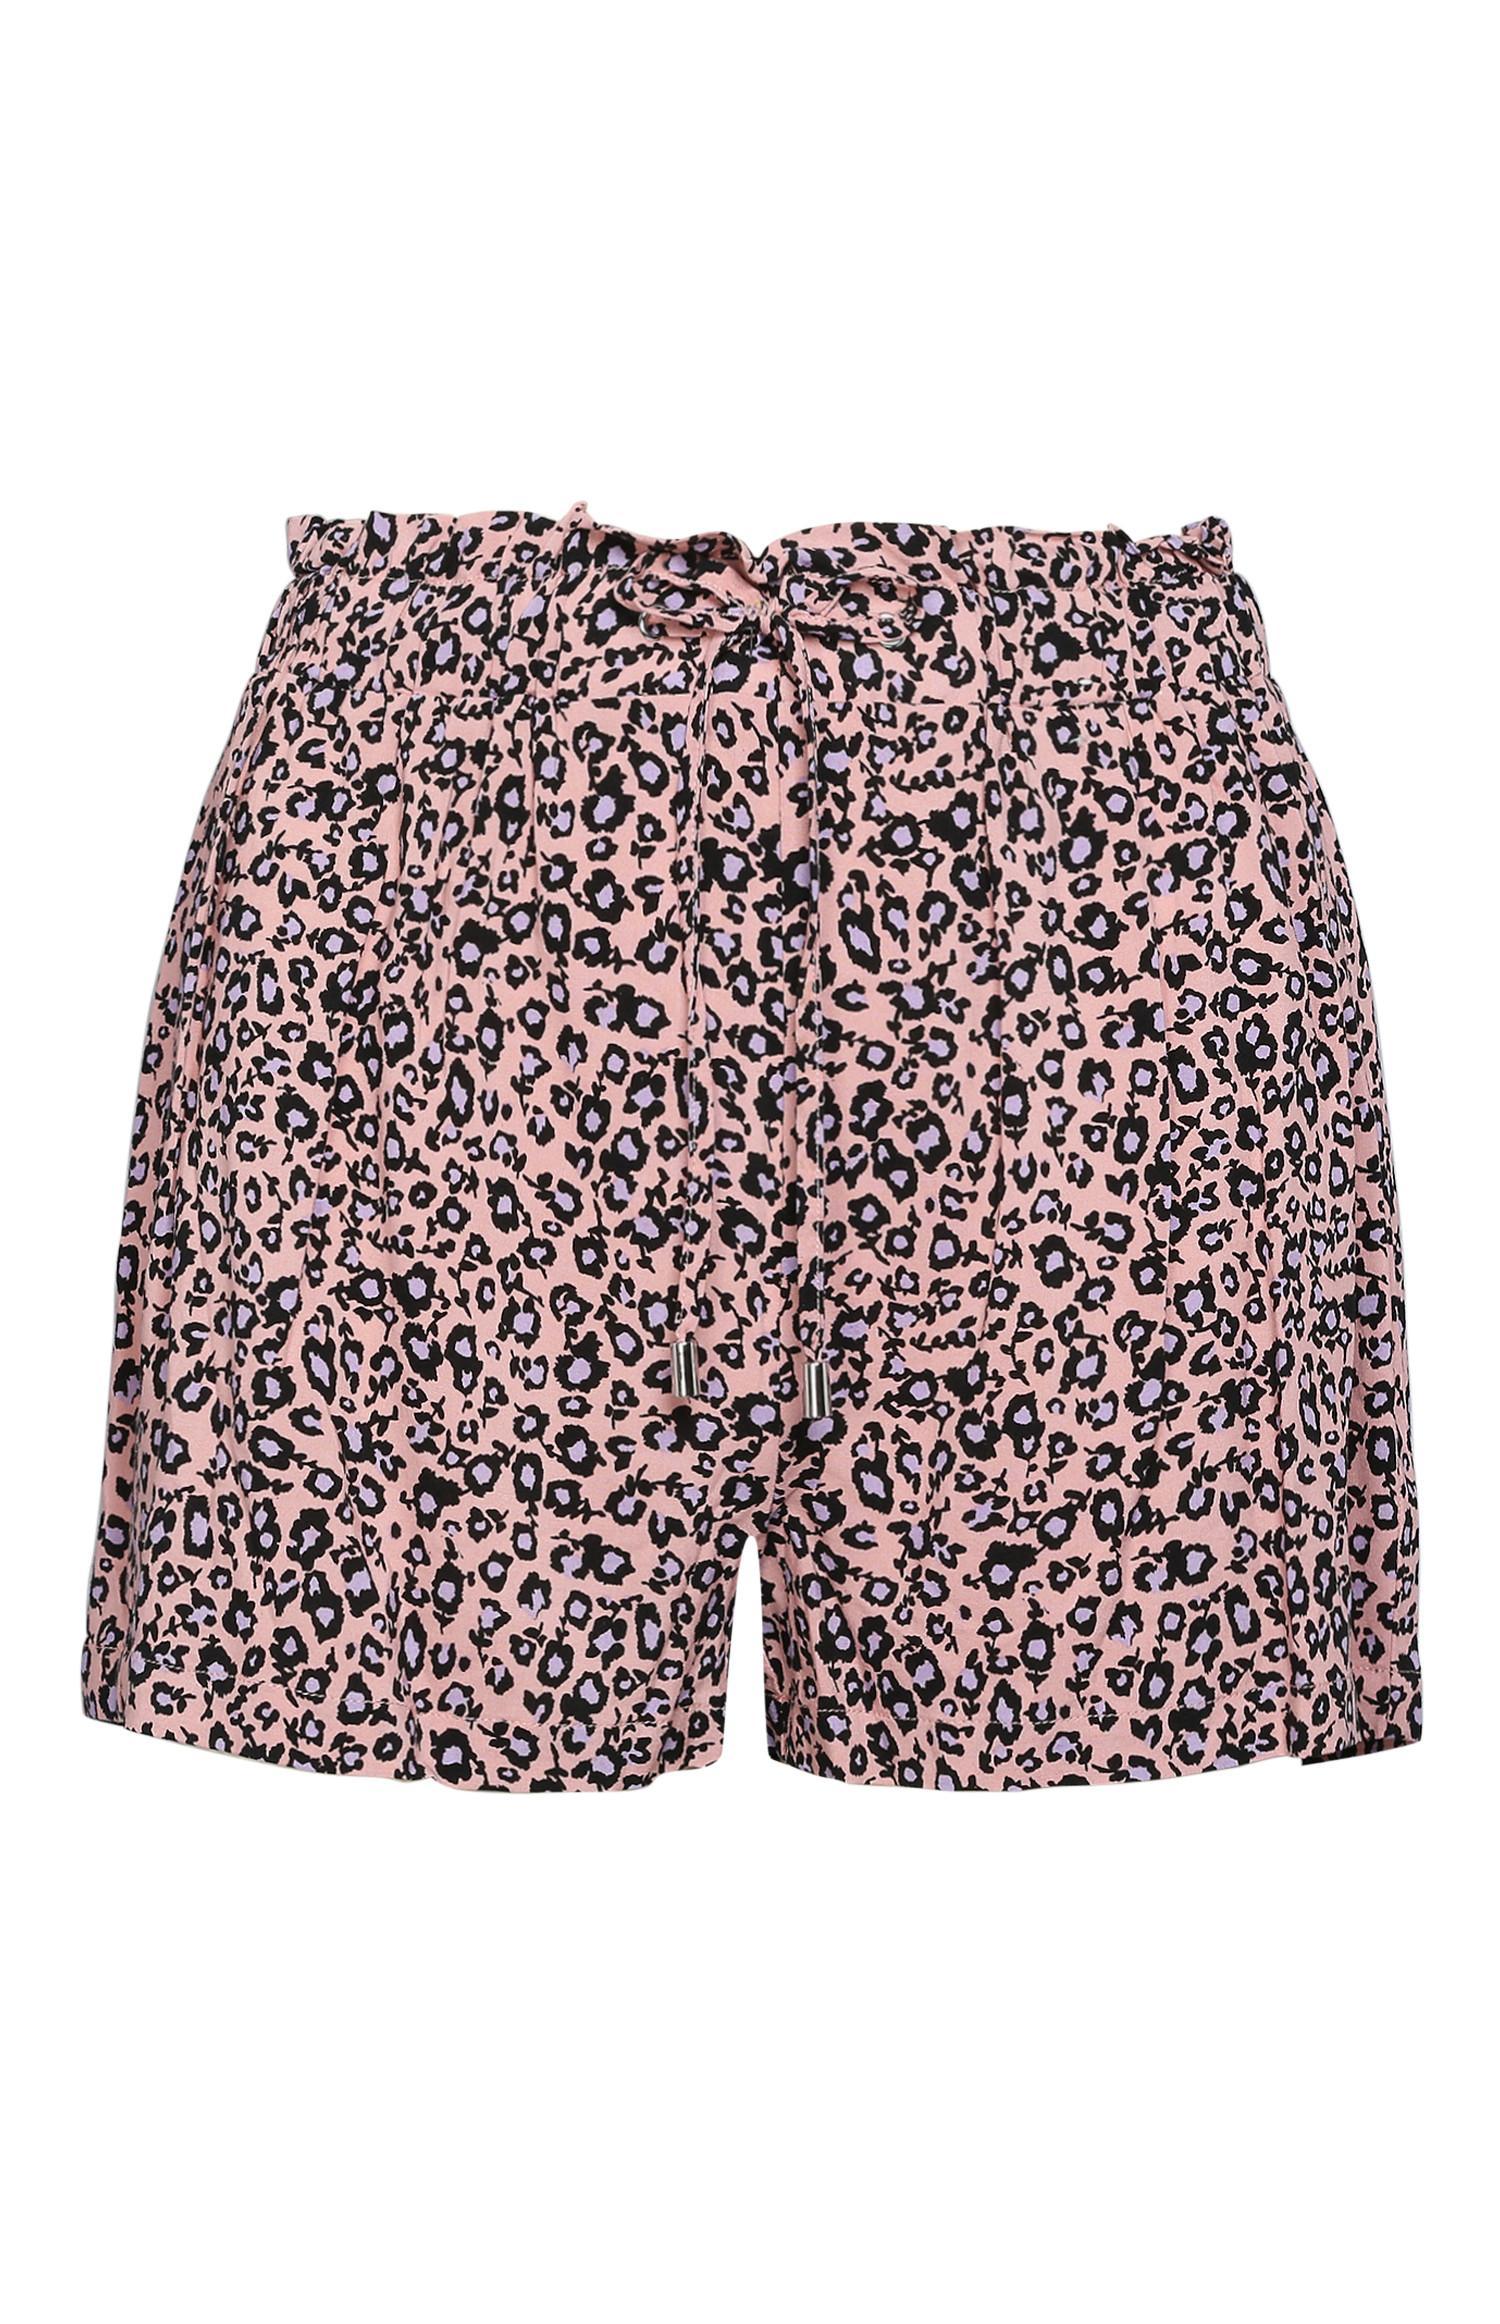 Roze shorts met luipaardprint